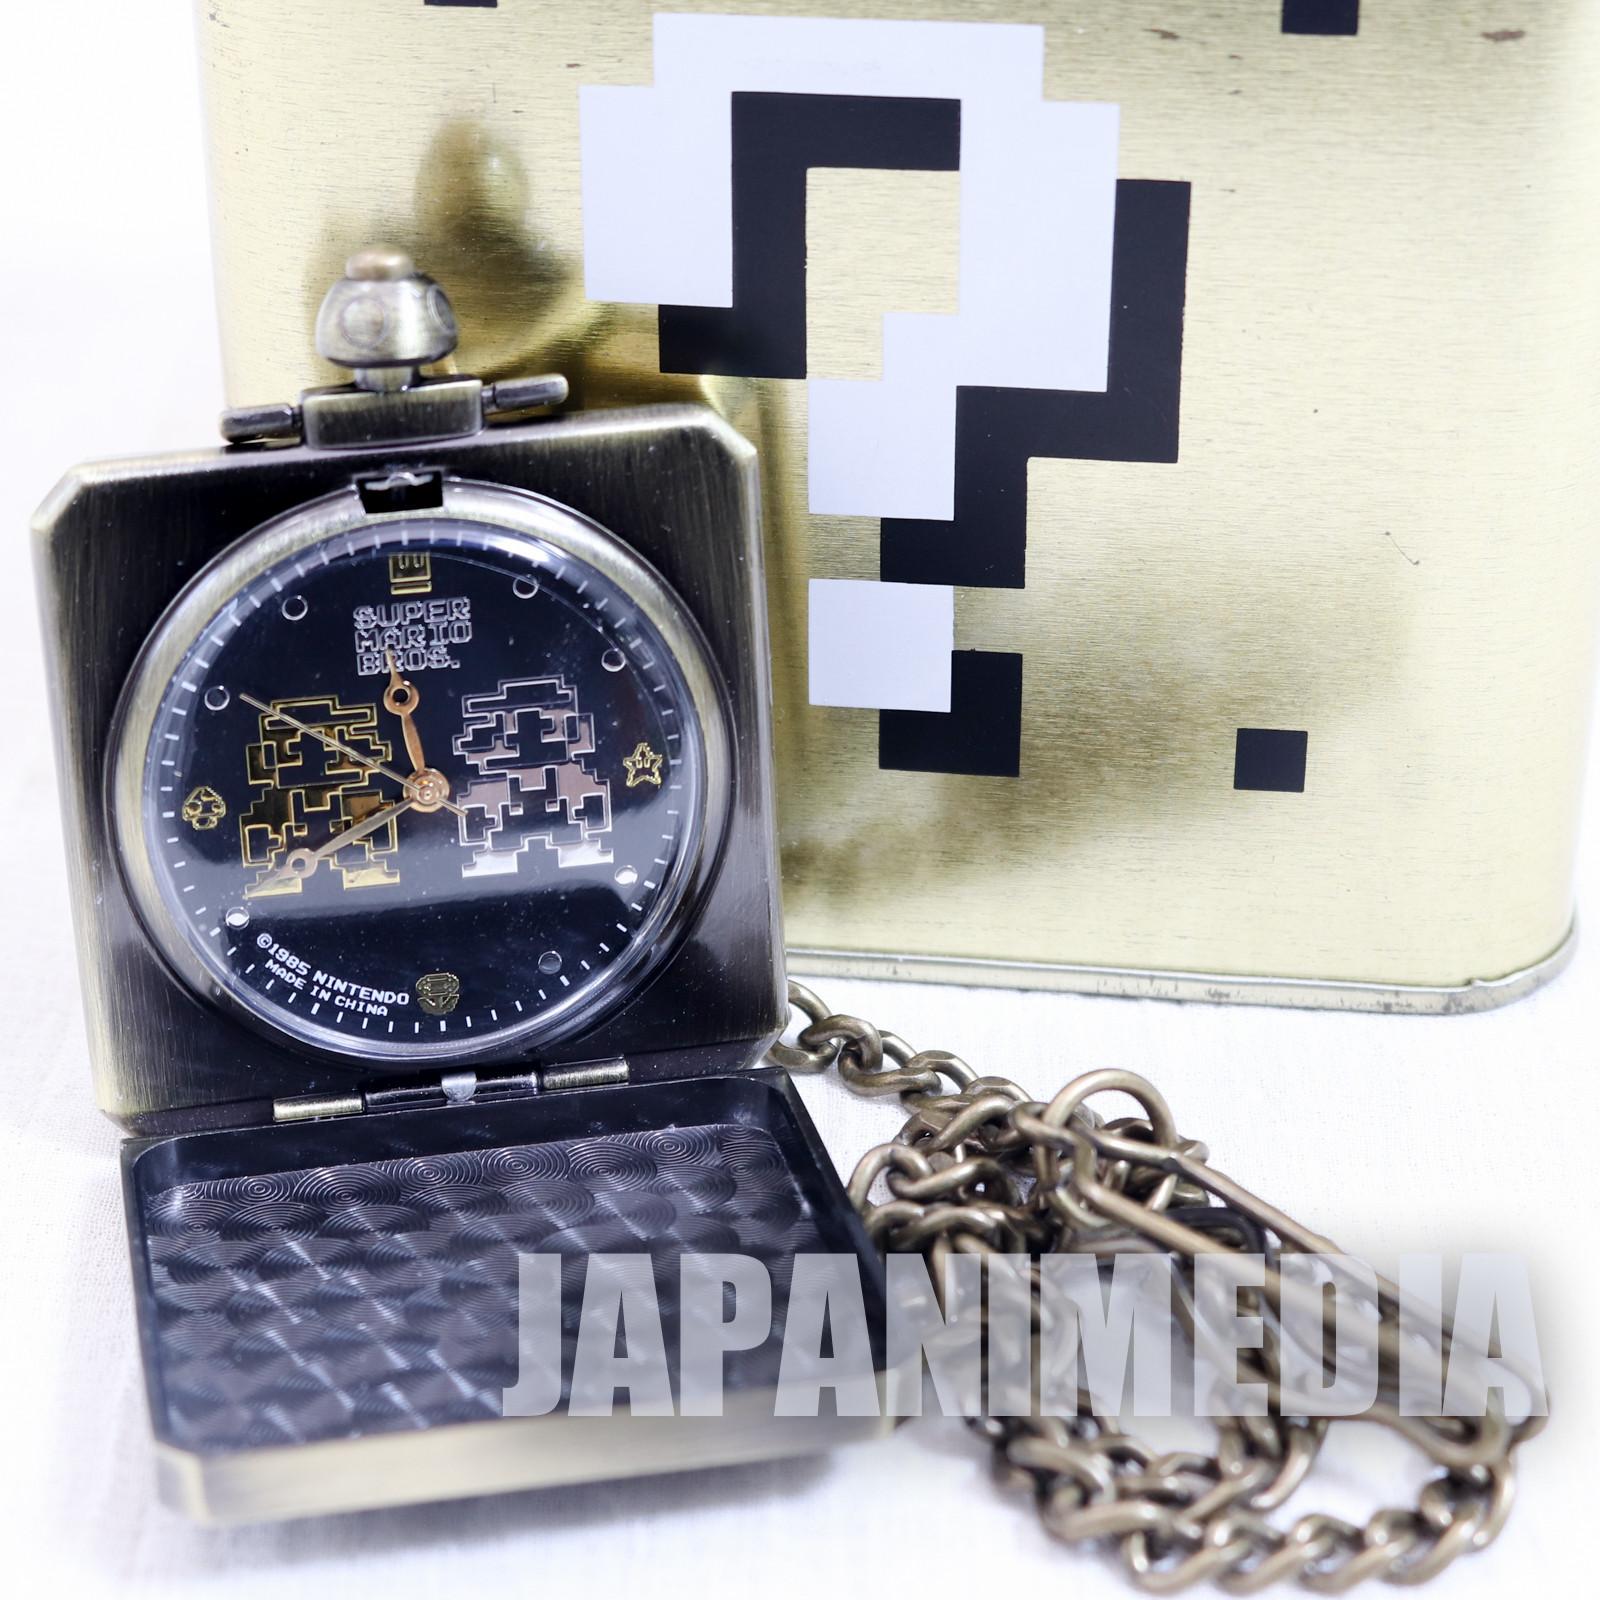 Super Mario Bros. Hatena Block Pocket Watch Mario & Luigi Ver. JAPAN NINTENDO NES